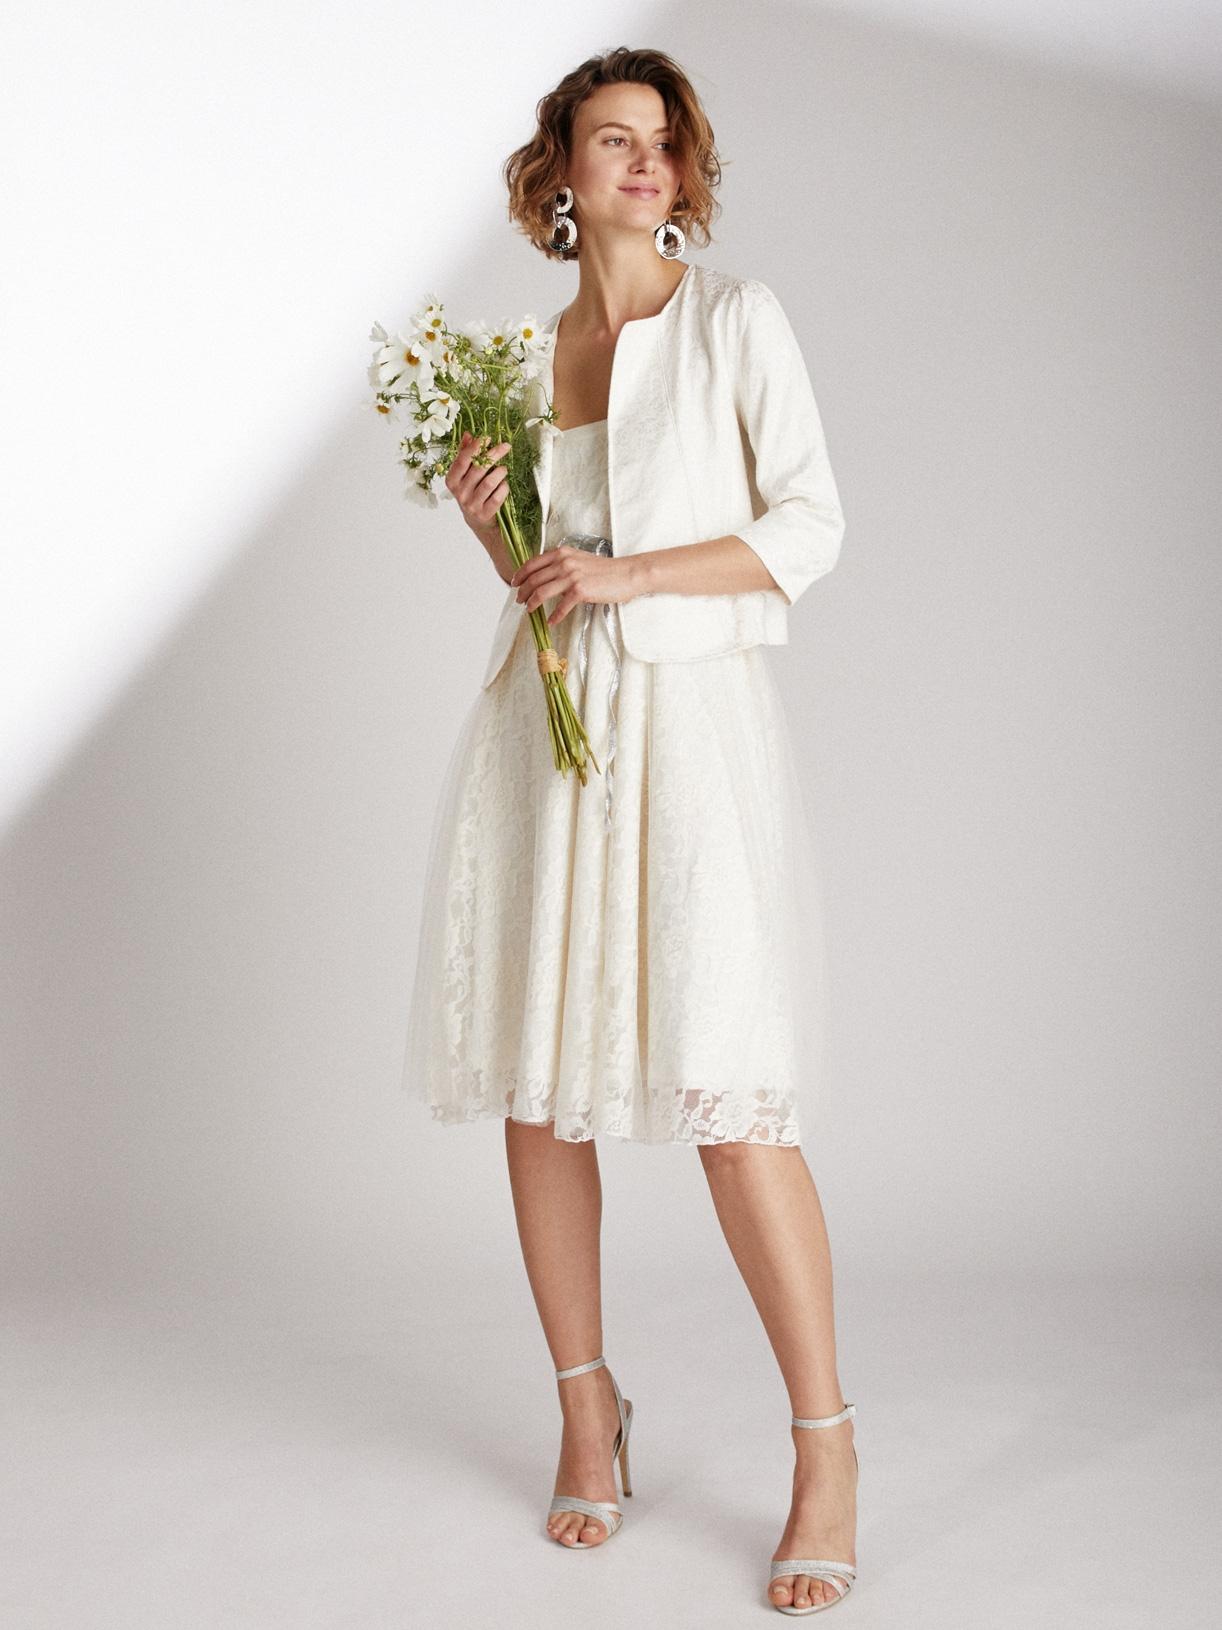 Veste de mariée courte éthique et sur-mesure en jacquard Abel - Myphilosophy